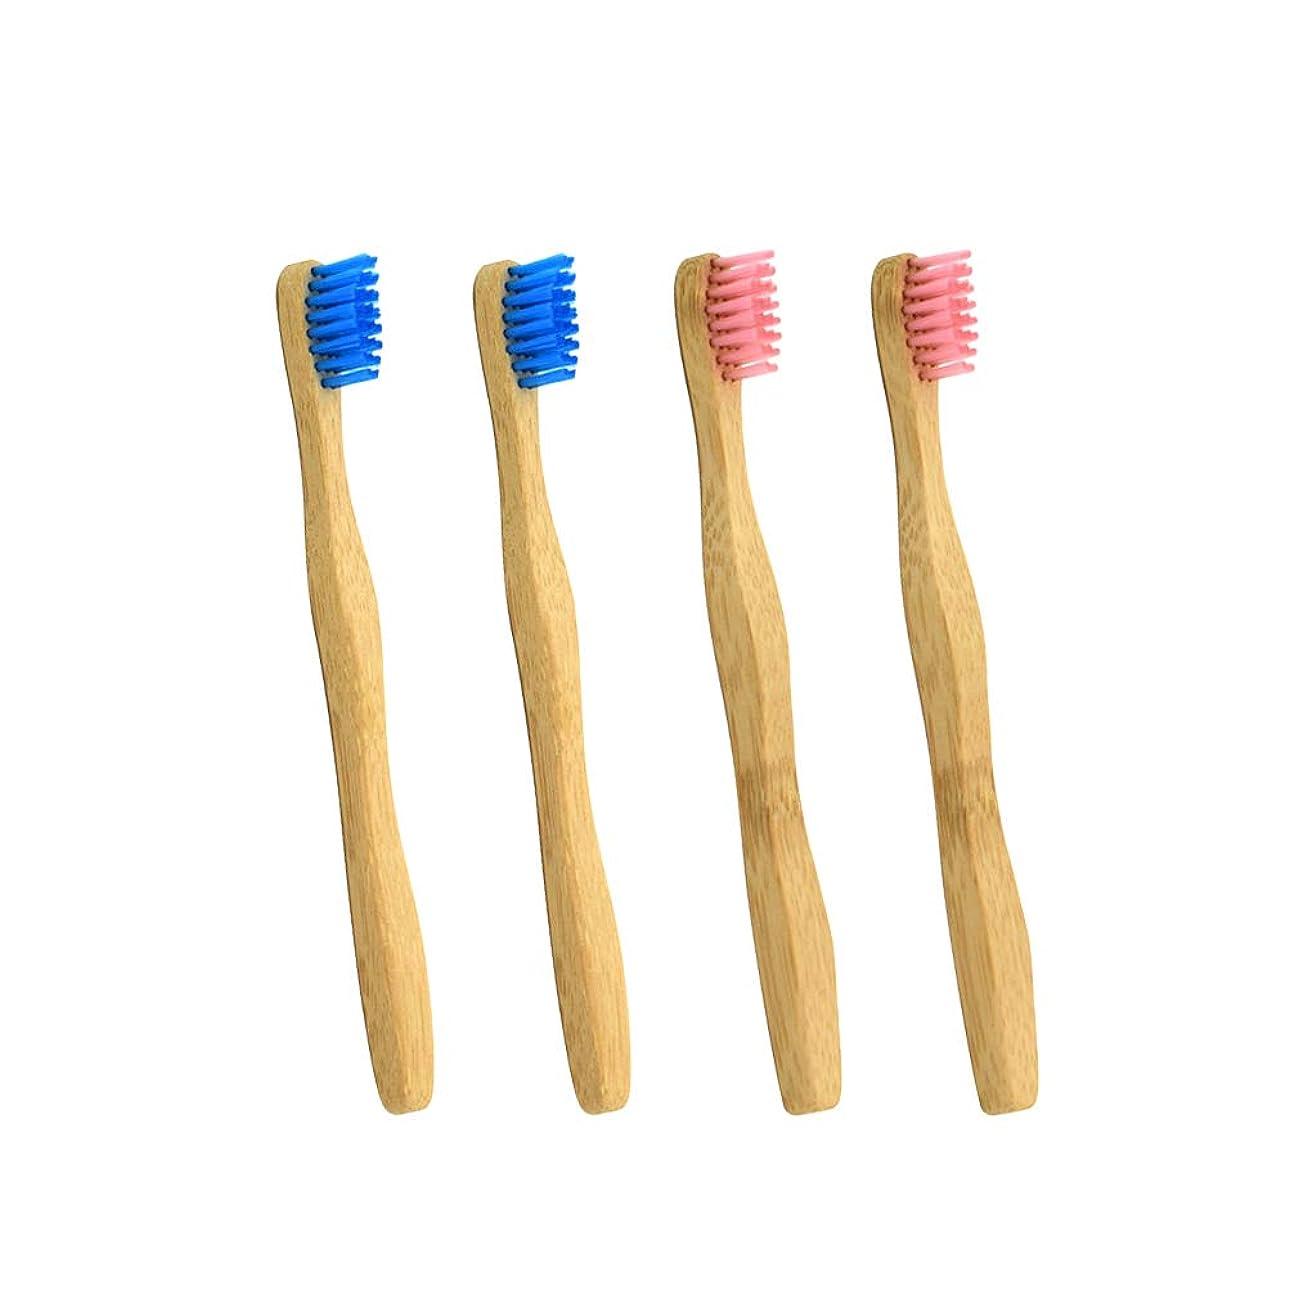 シェルターはず欠如SUPVOX 4本の子供の竹の歯ブラシ生分解性エコフレンドリーな歯ブラシ(ピンクとブルー各2本)